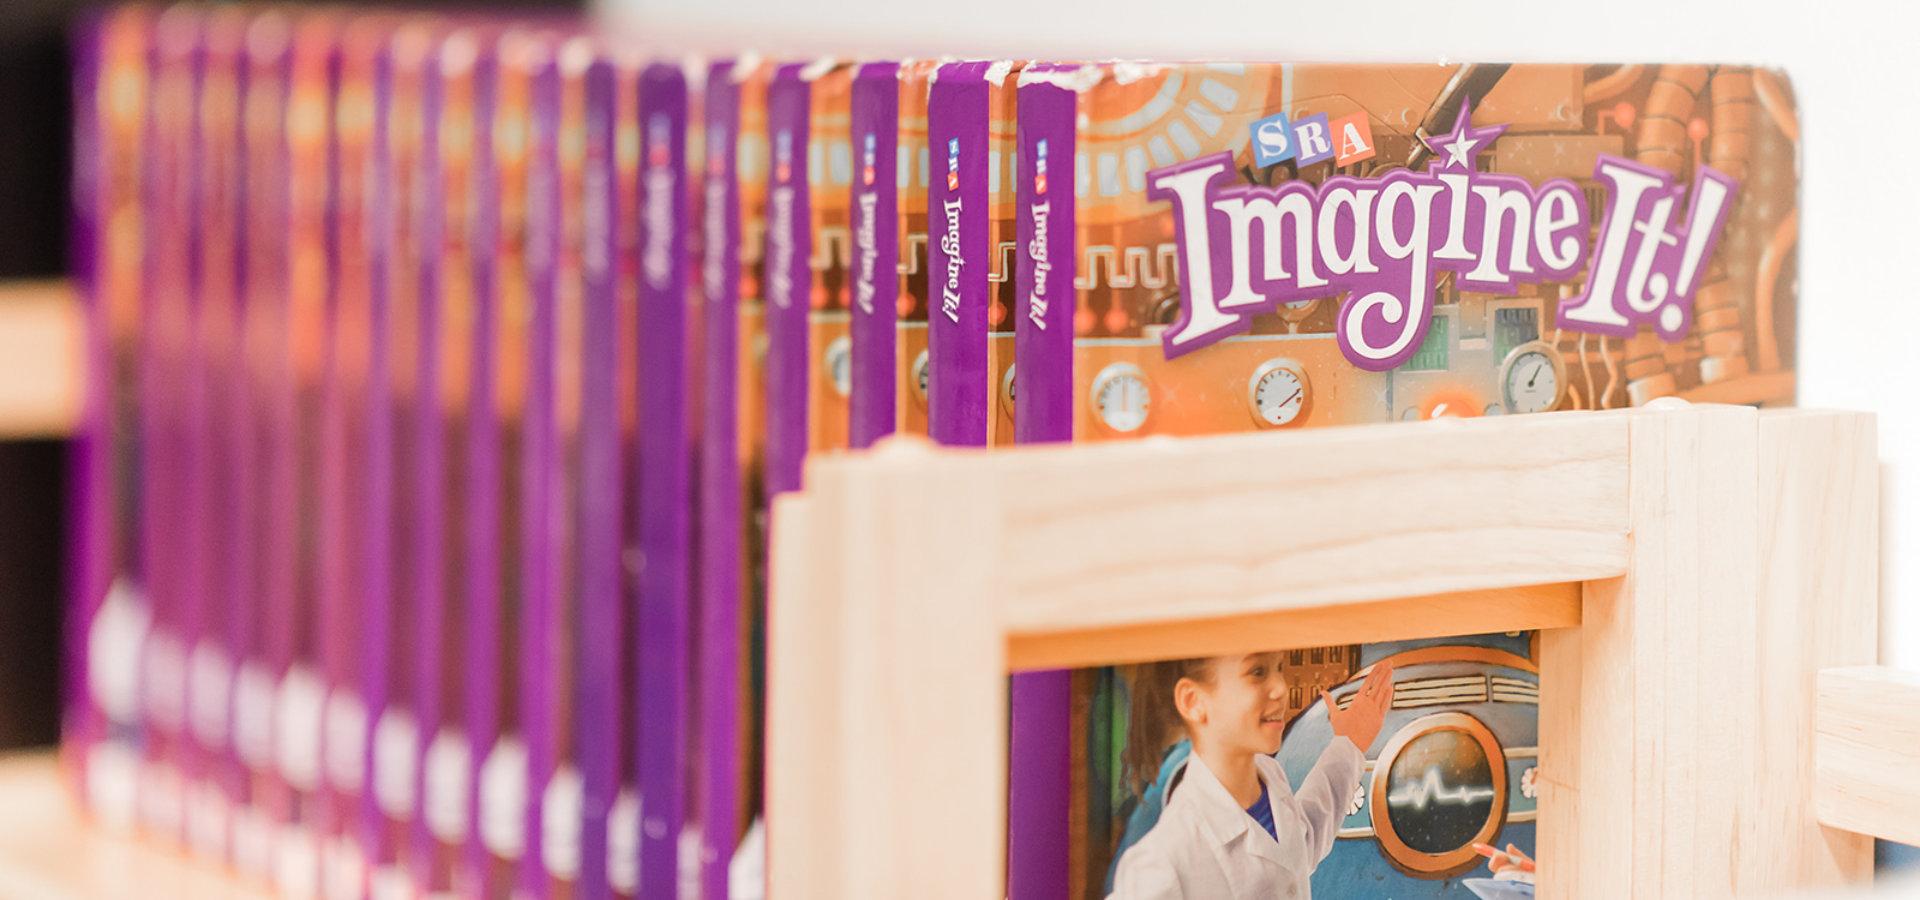 Imagine It books